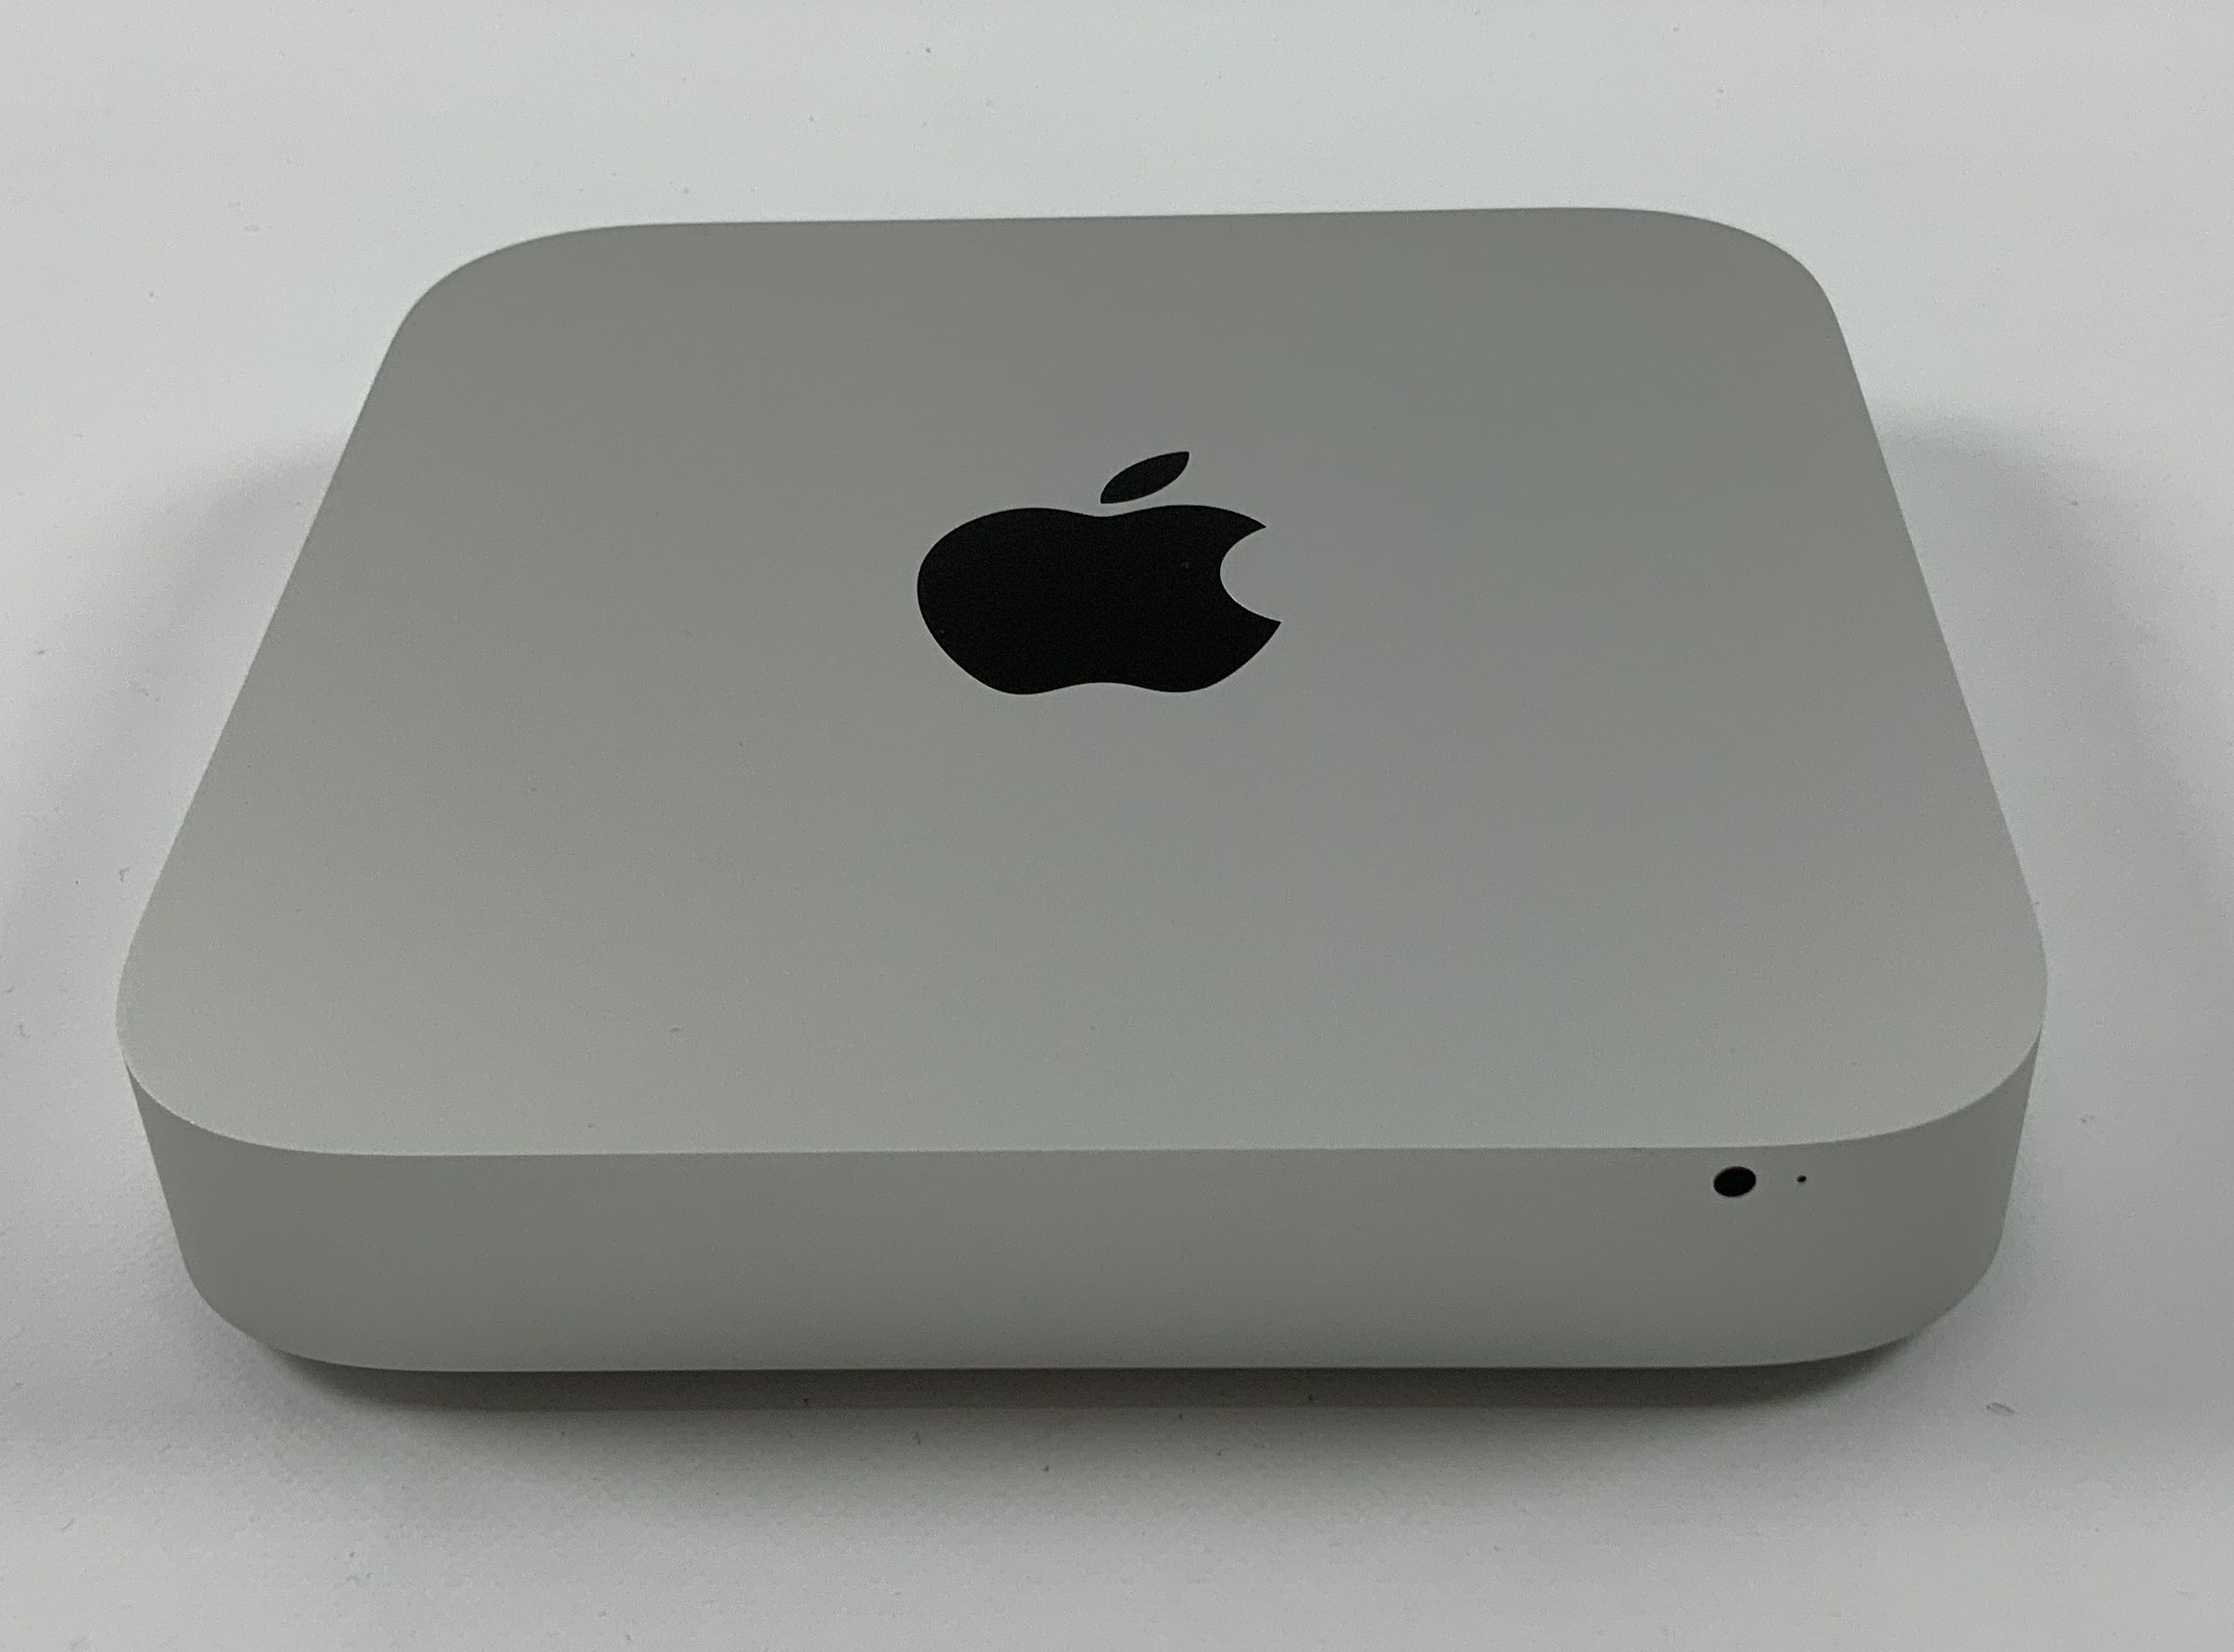 Mac Mini Late 2014 (Intel Core i5 1.4 GHz 4 GB RAM 500 GB HDD), Intel Core i5 1.4 GHz, 4 GB RAM, 500 GB HDD, imagen 1